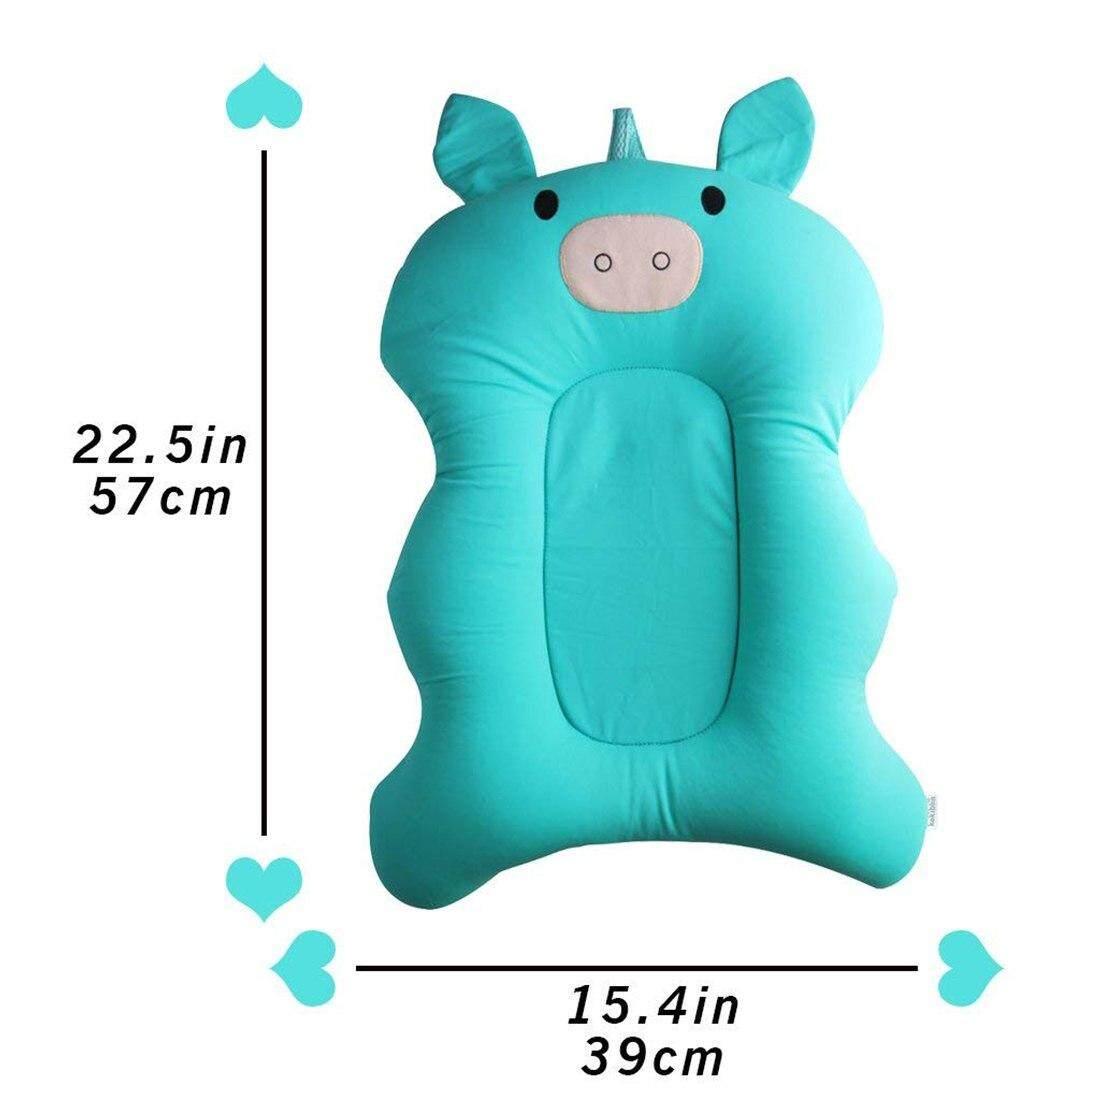 ลอยเด็กอ่อนหมอนสปาและ Lounger ทารกแรกเกิด Pad อ่างหมอนอาบน้ำ (สีเขียว) By Reasin Store.